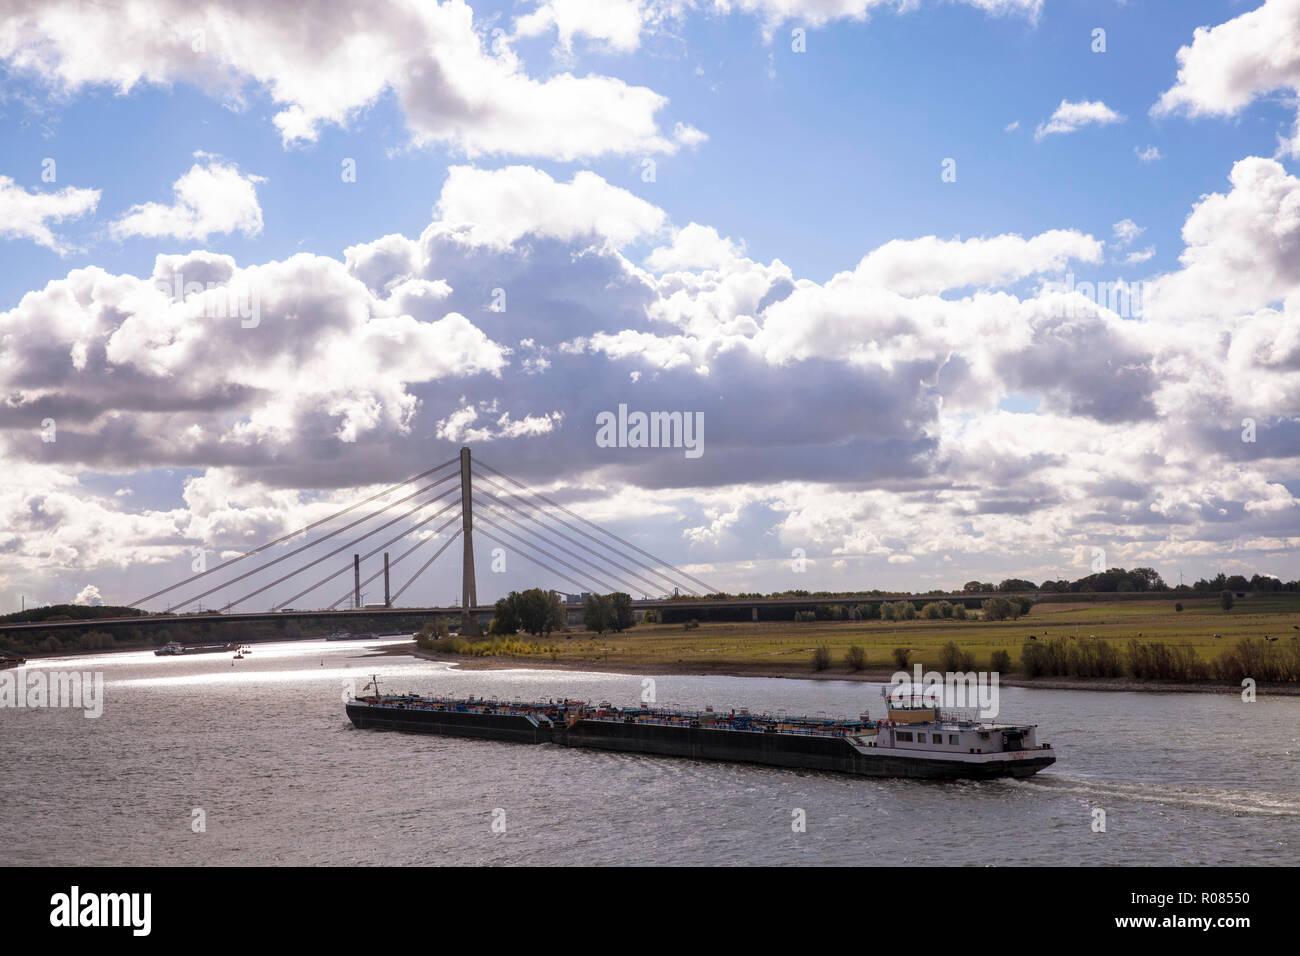 the Niederrhein bridge across the river Rhine, cargo vessel, Wesel, Germany.  die Niederrheinbruecke ueber den Rhein, Frachtschiff, Wesel, Deutschland - Stock Image